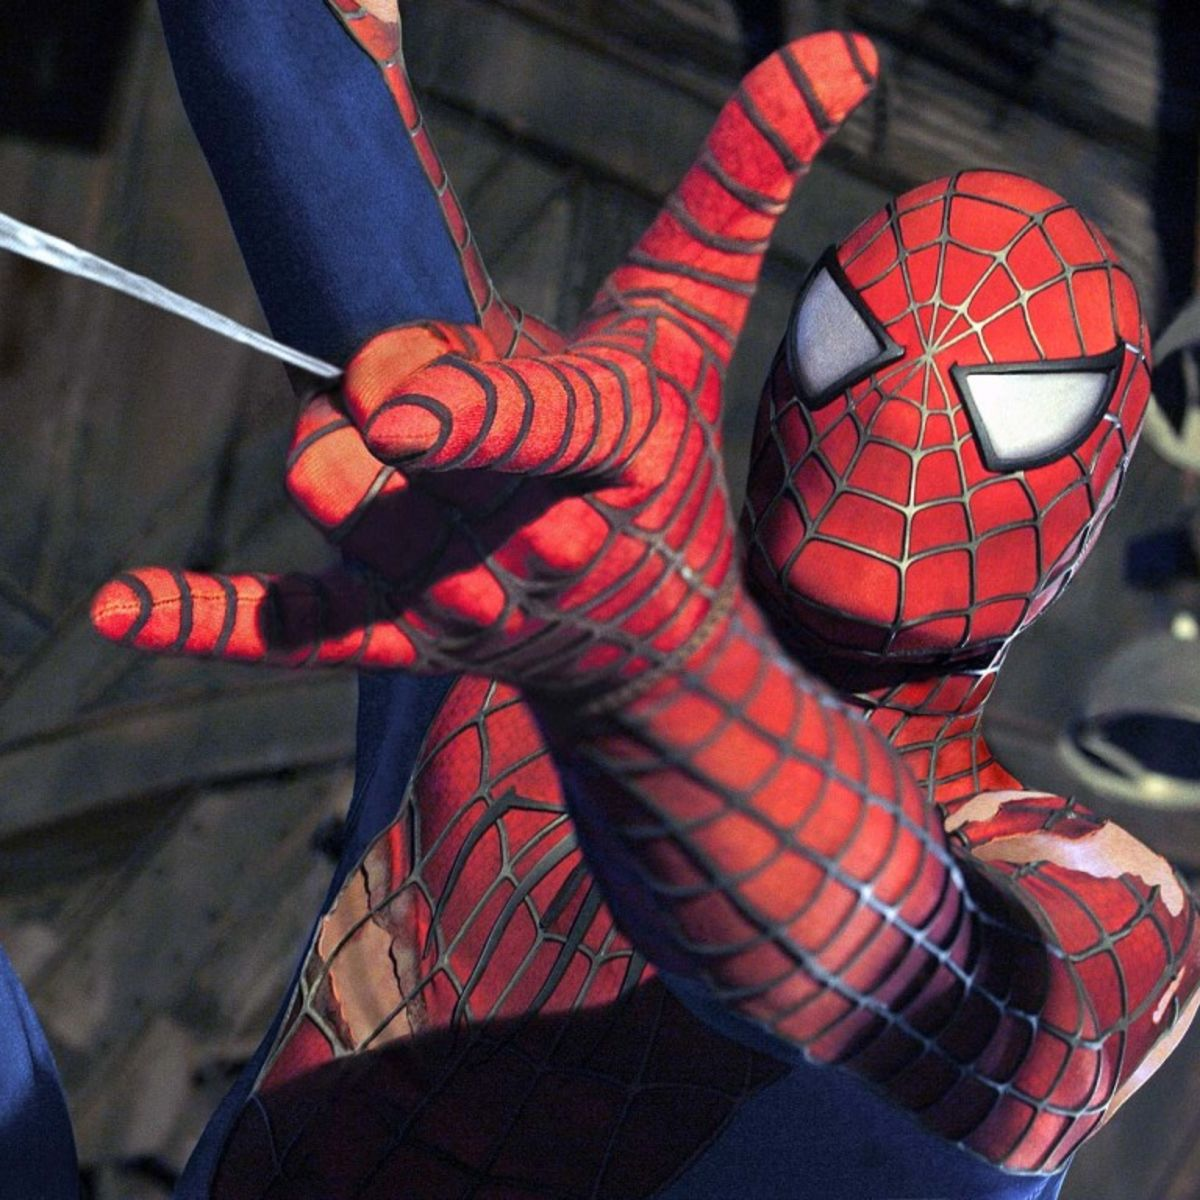 spiderman2_1600-1024x768.jpeg